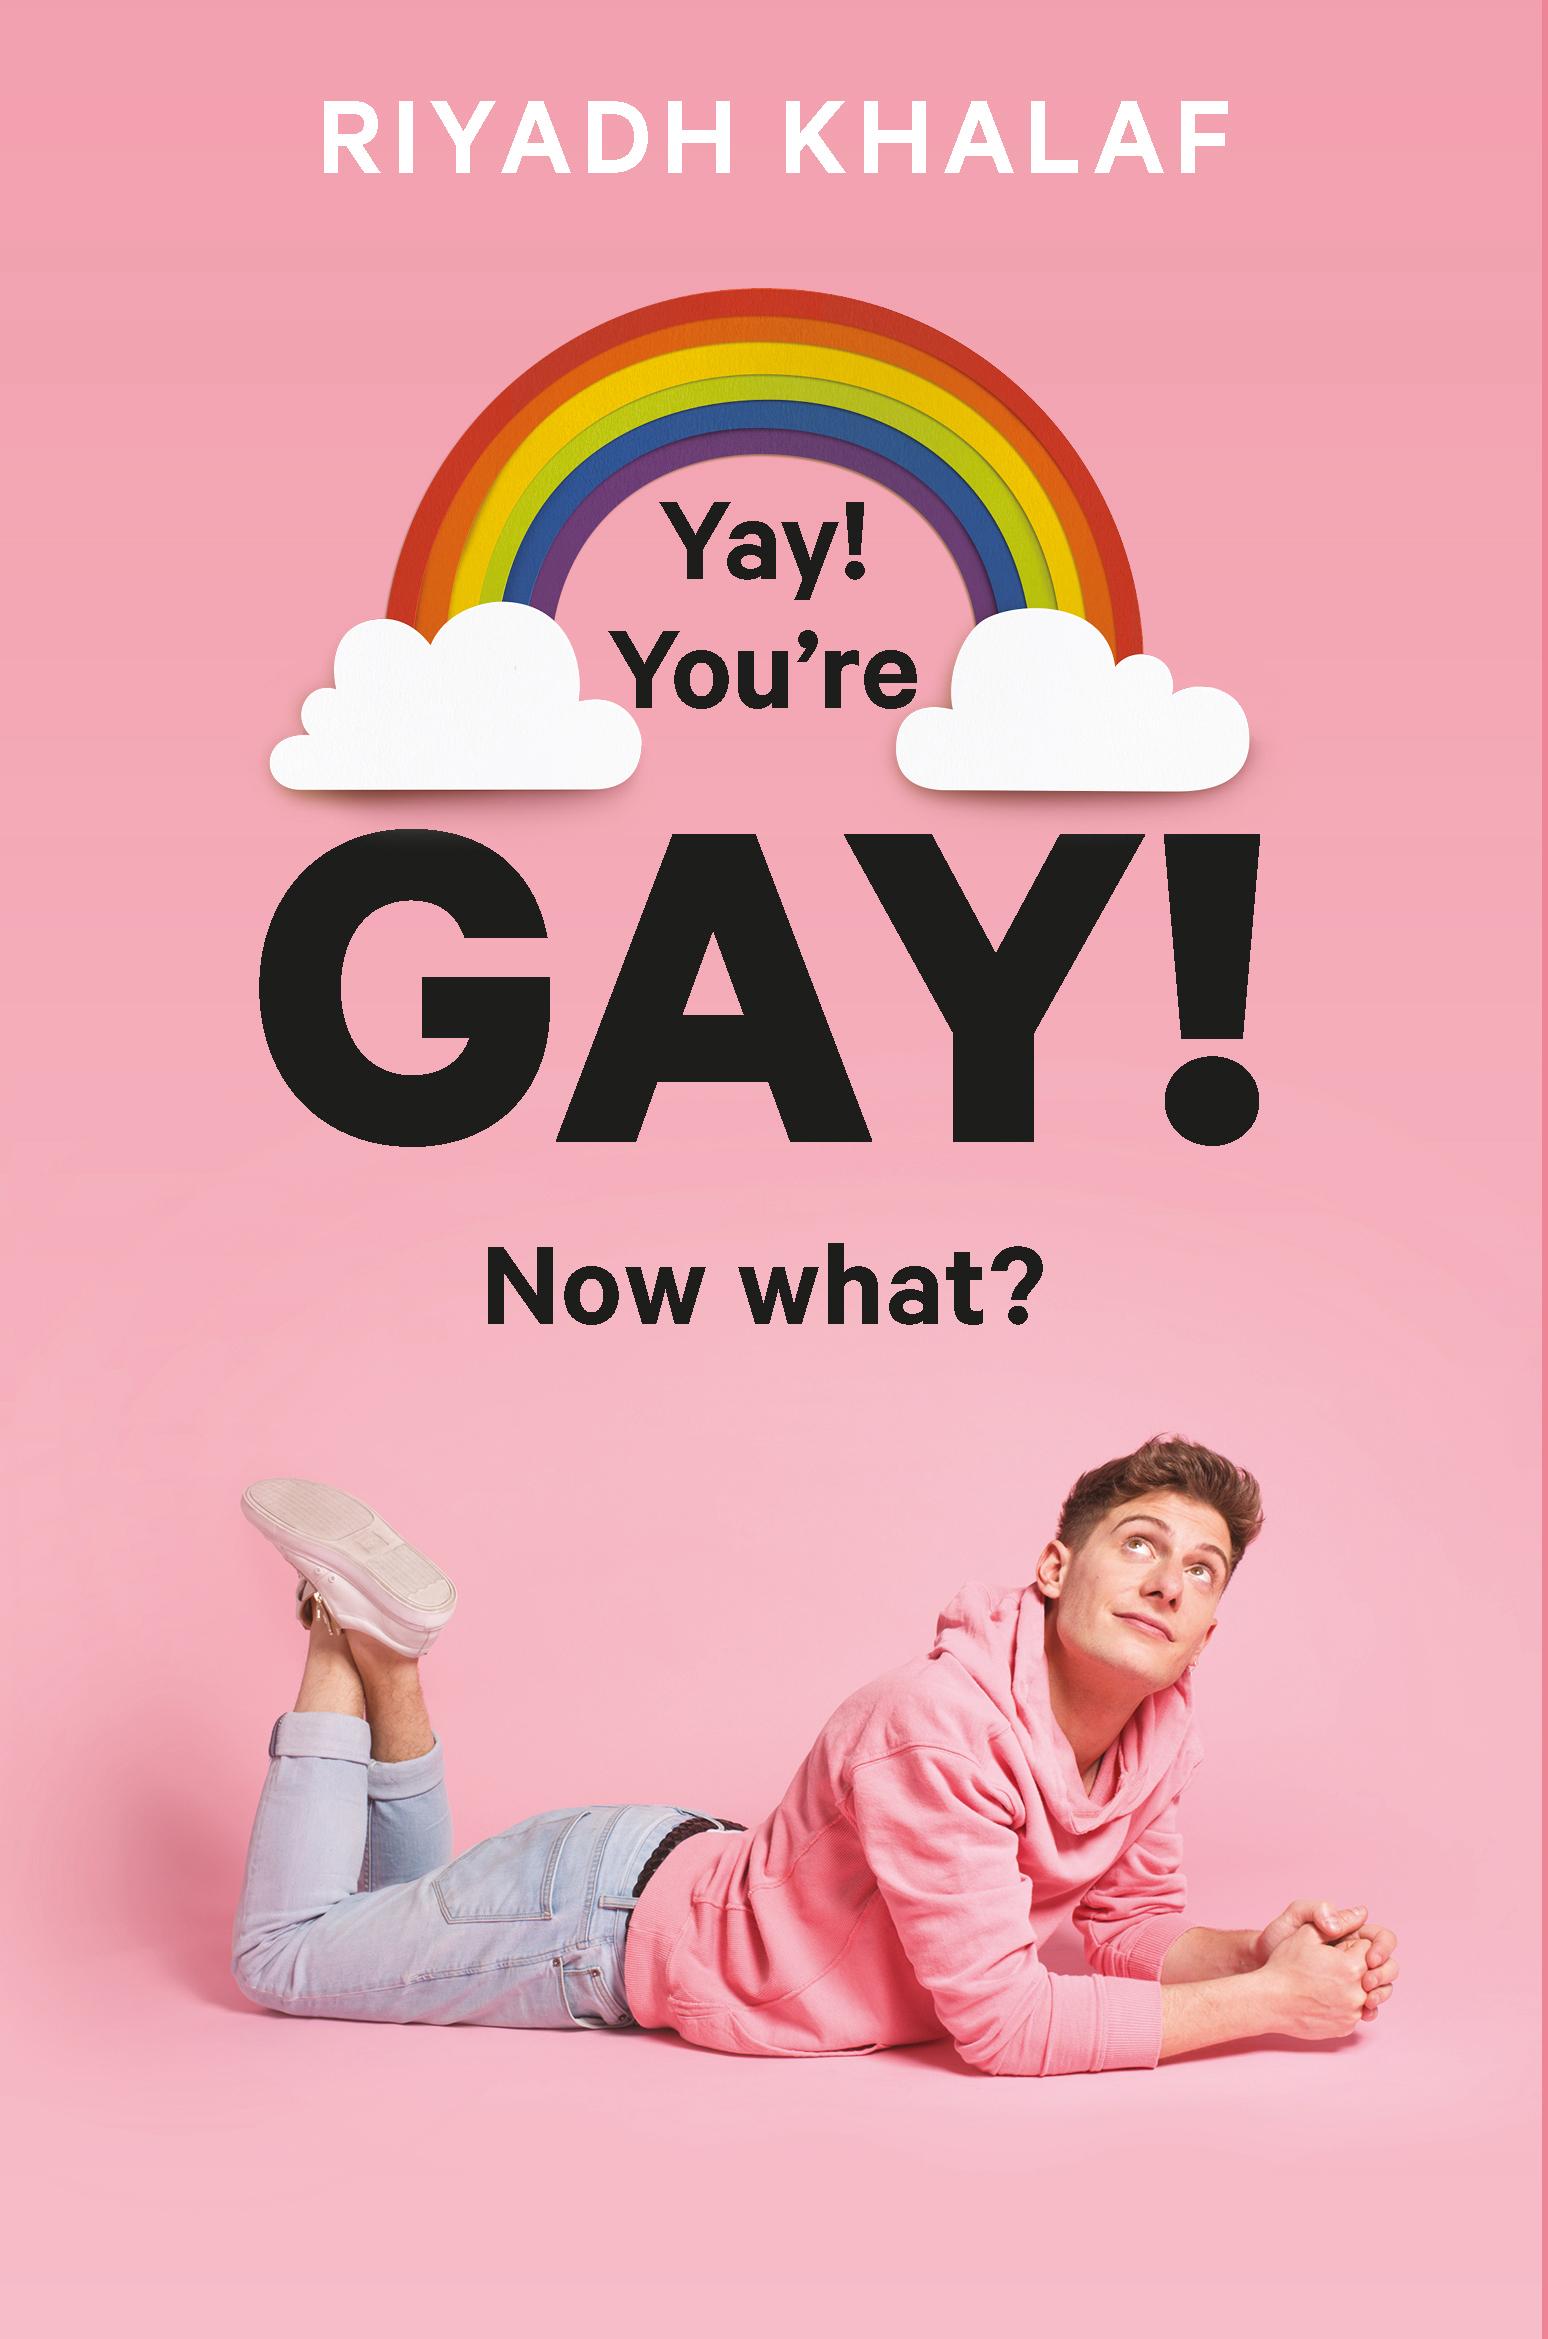 Riyadh Khalaf signing Yay,  You're Gay! Now What?